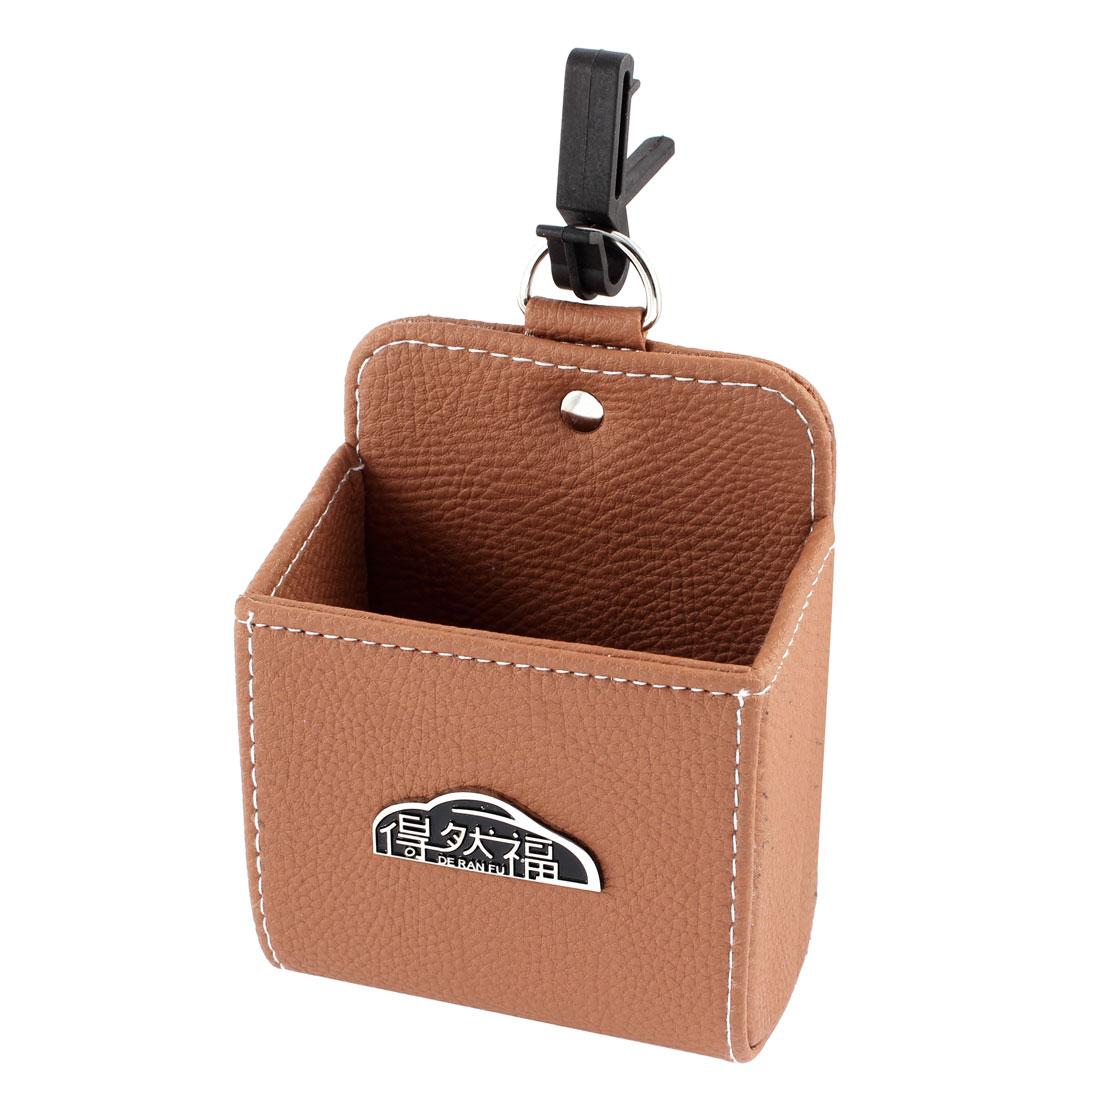 Faux Leather Rectangle Shape Non-slip Car Auto Air Vent Phone Holder Pouch Orange